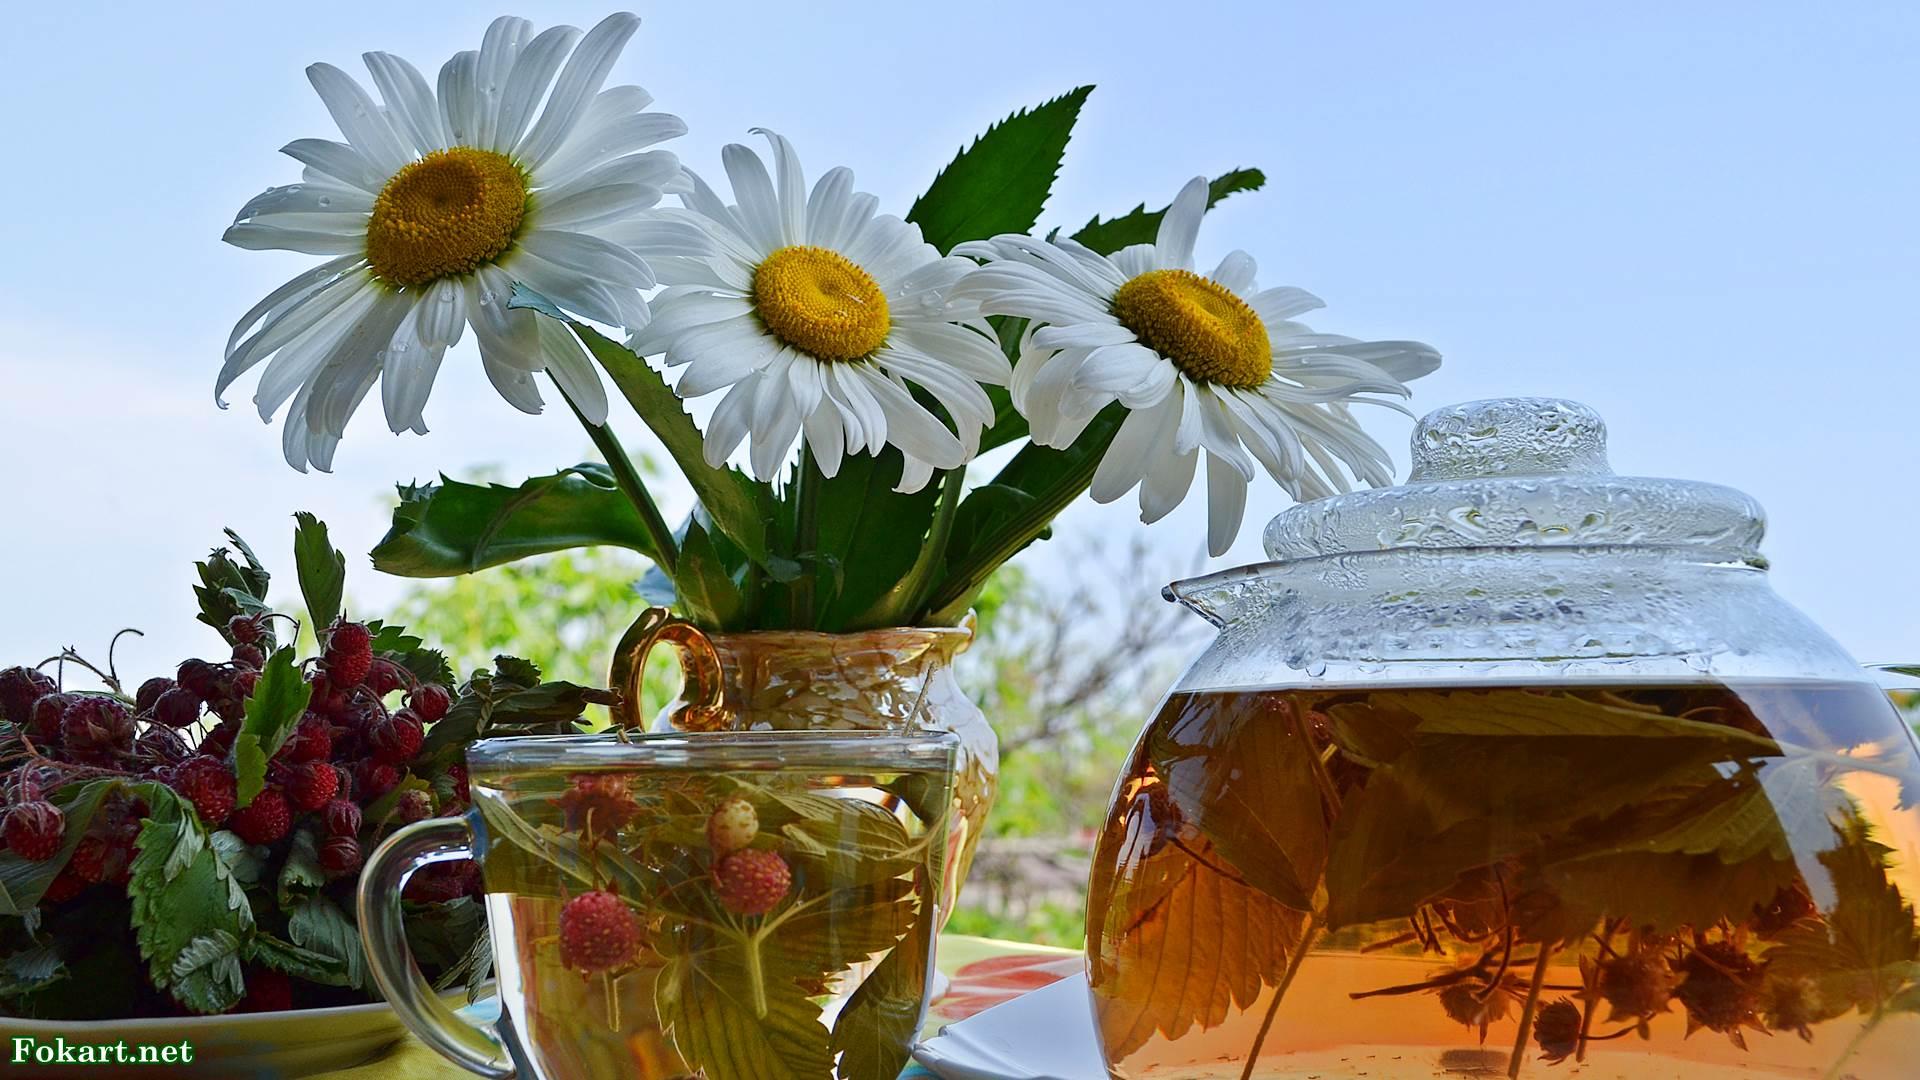 Чай из листьев и ягод земляники в прозрачном чайнике